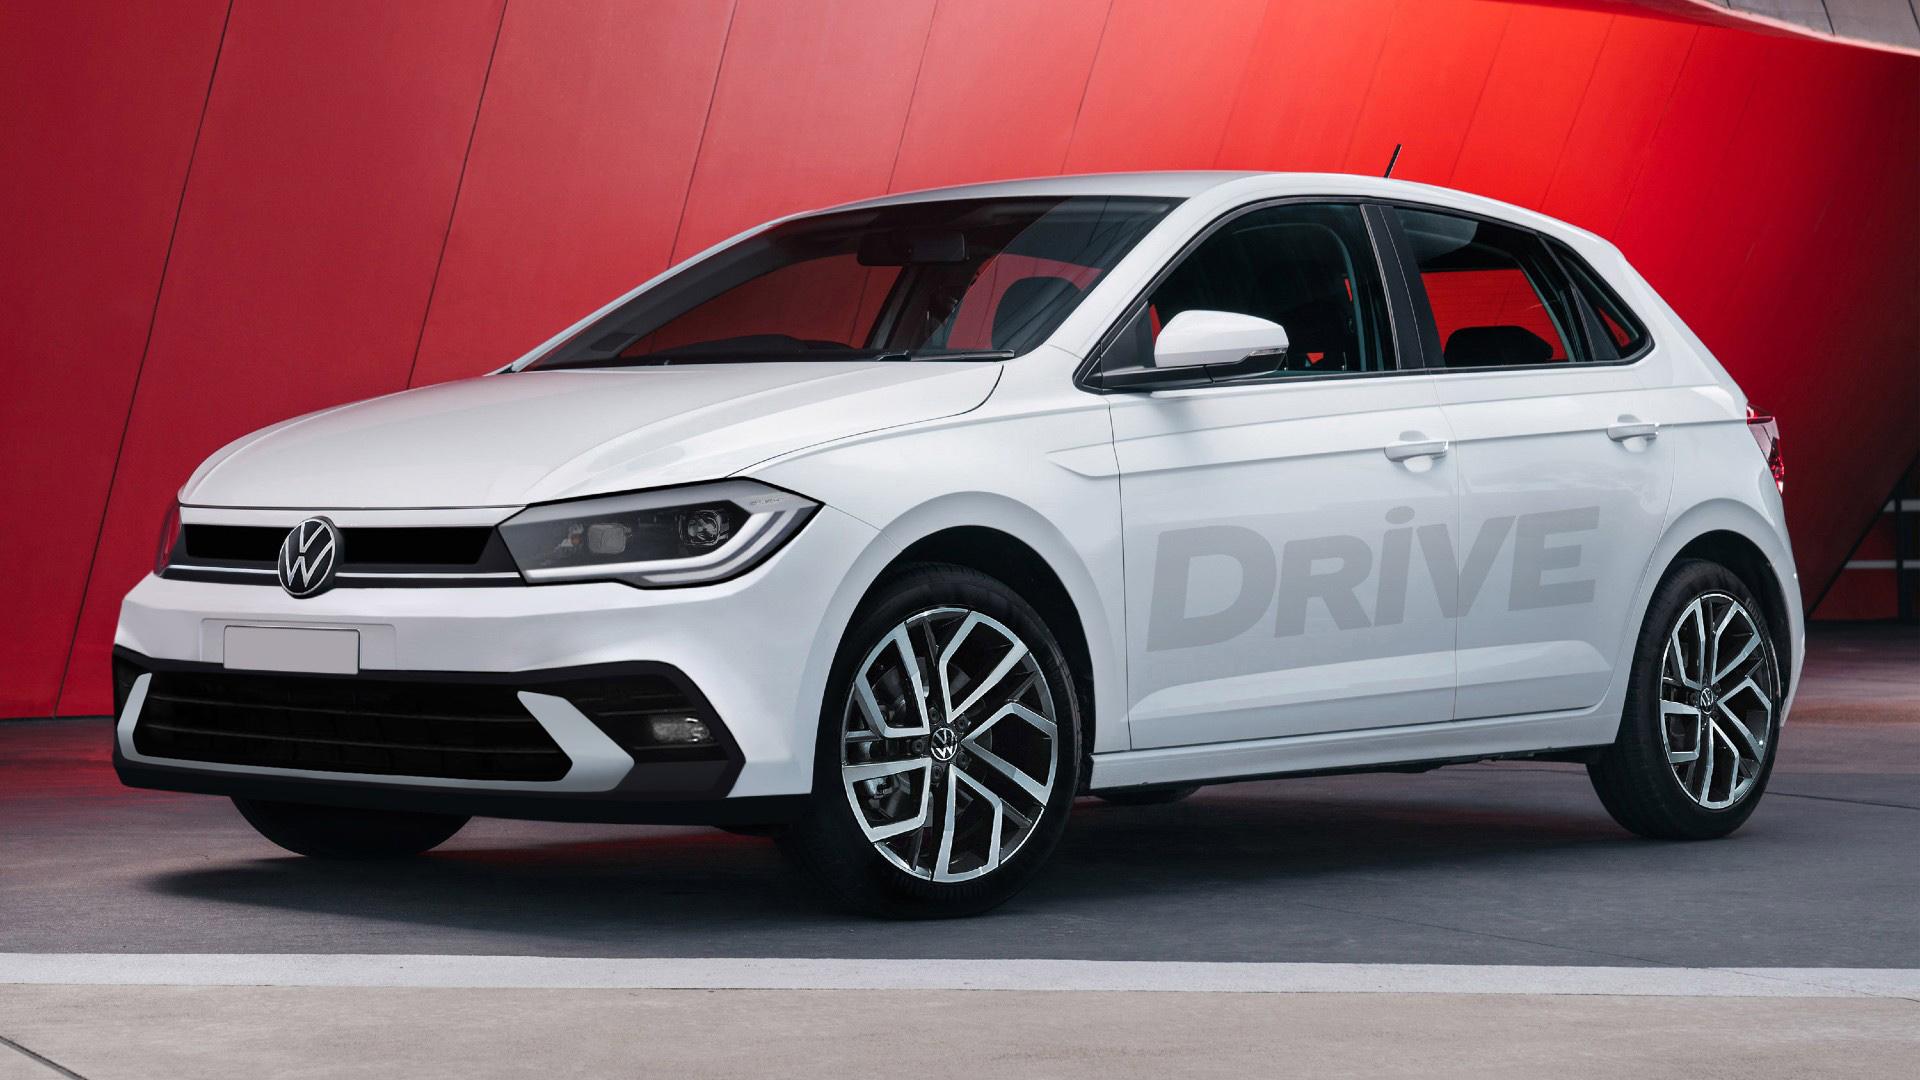 Έρχεται το ανανεωμένο Volkswagen Polo